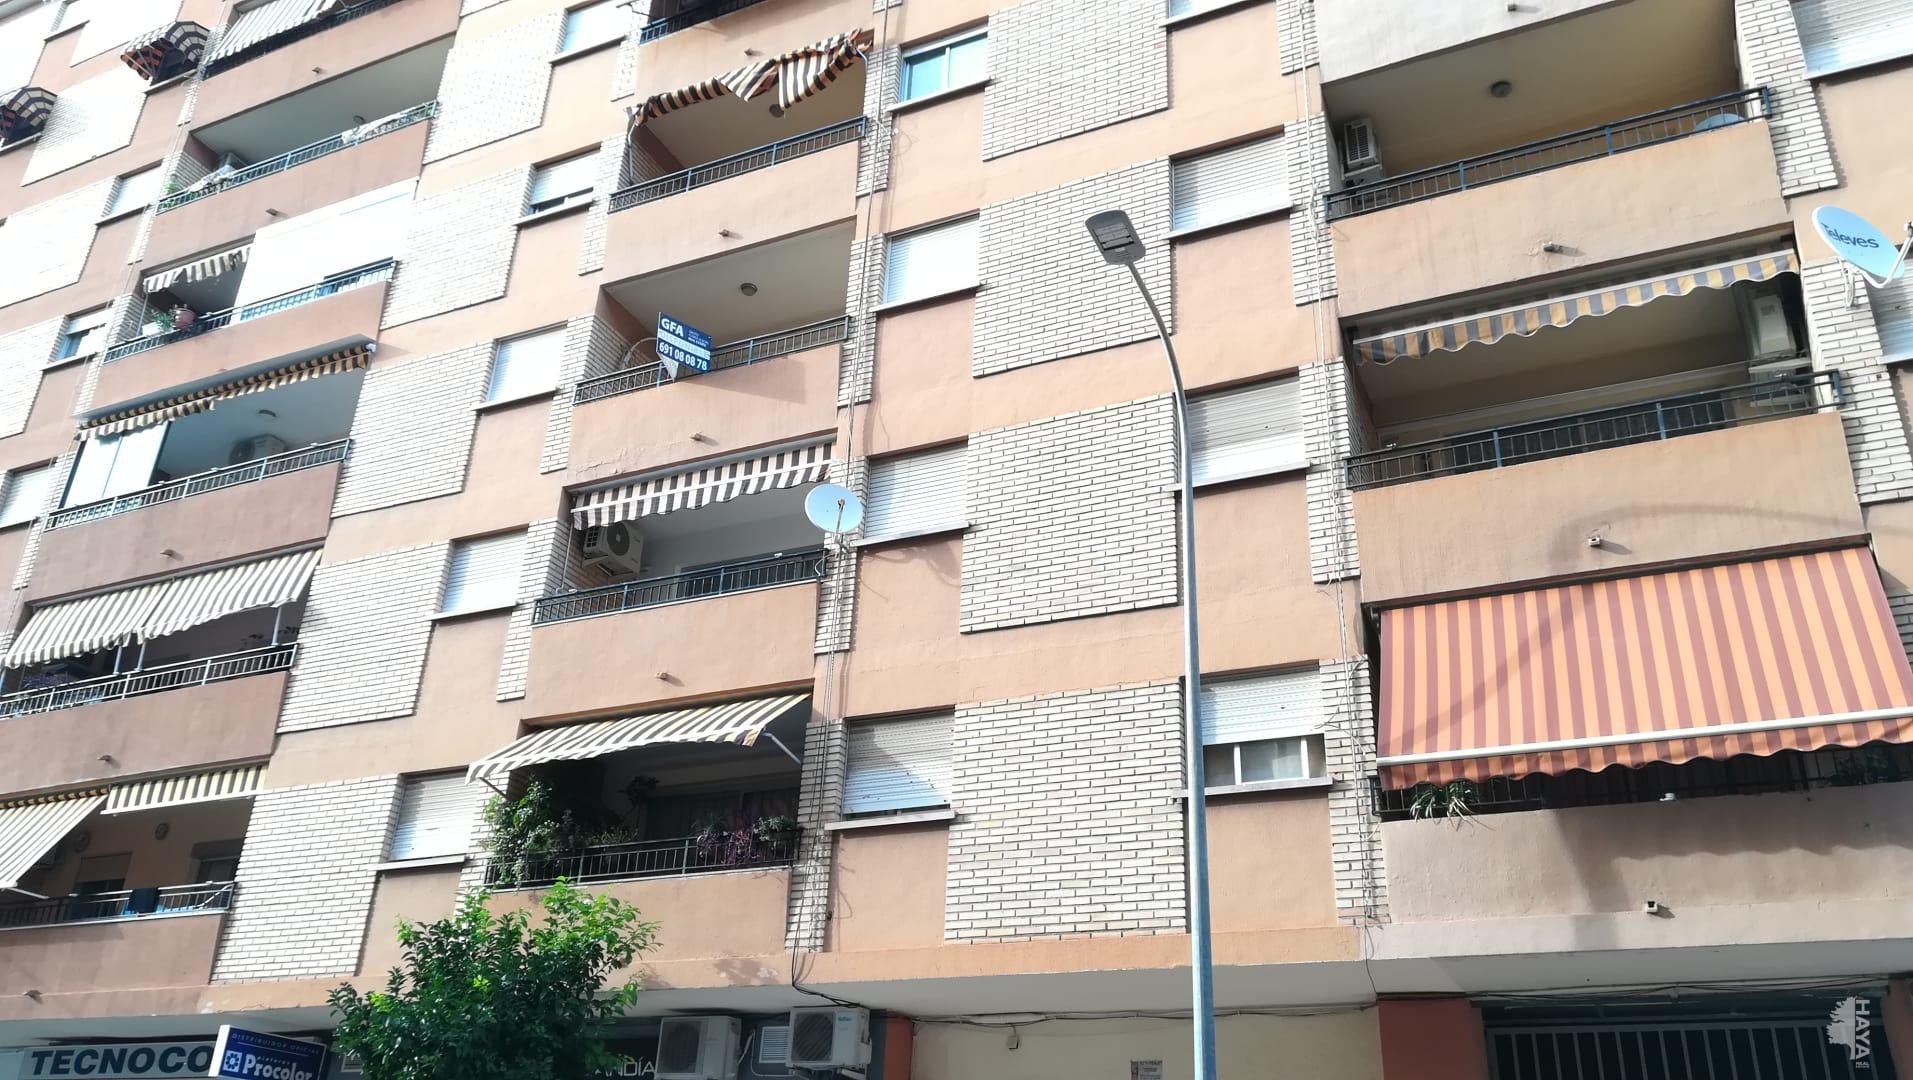 Piso en venta en Marxuquera Baixa, Gandia, Valencia, Calle Juan de Juanes, 107.000 €, 3 habitaciones, 1 baño, 123 m2